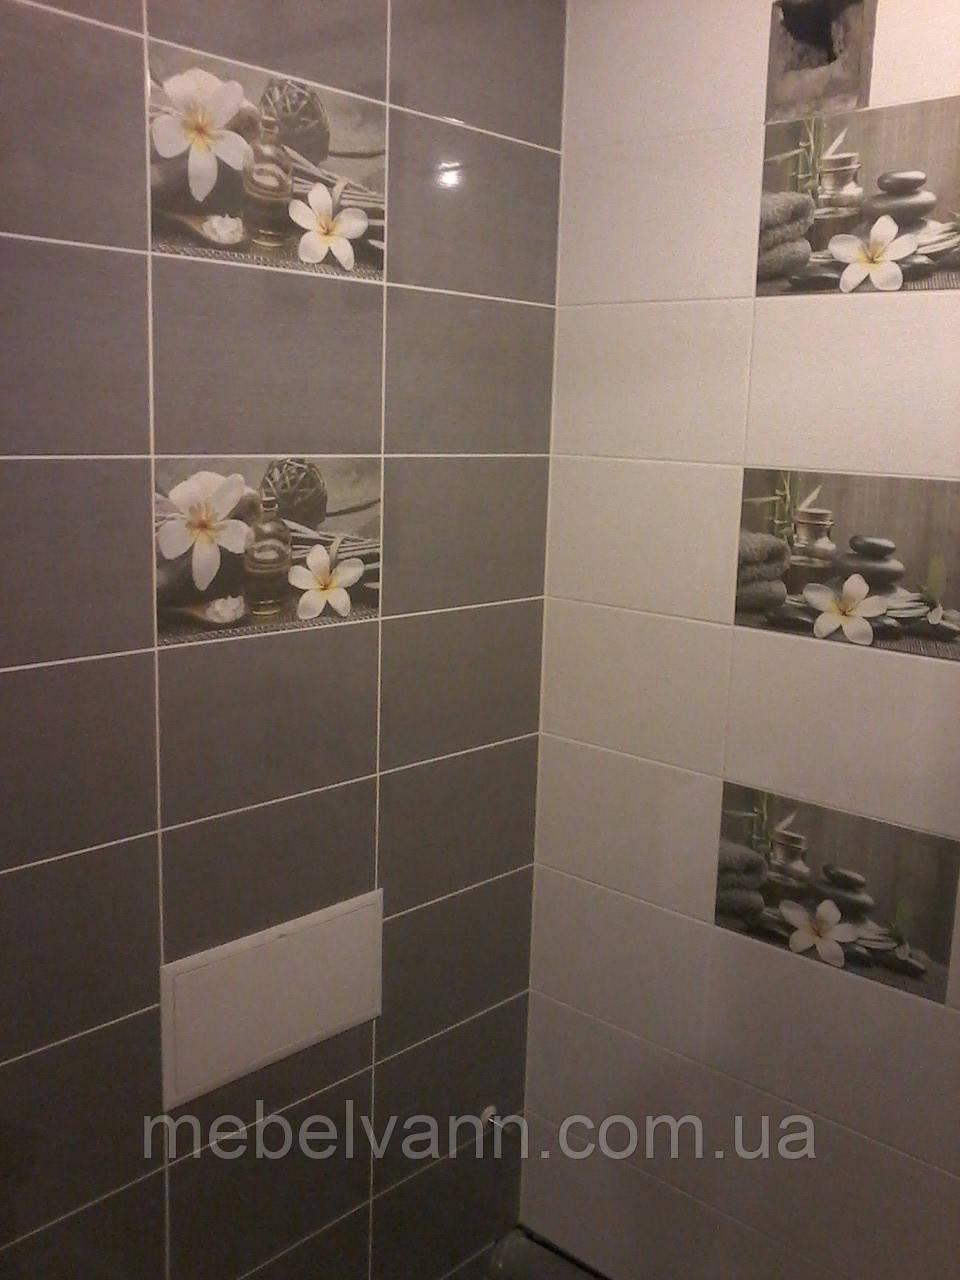 Плитка для ванной Olivia grey Cersanit Оливия 25*40 Церсанит